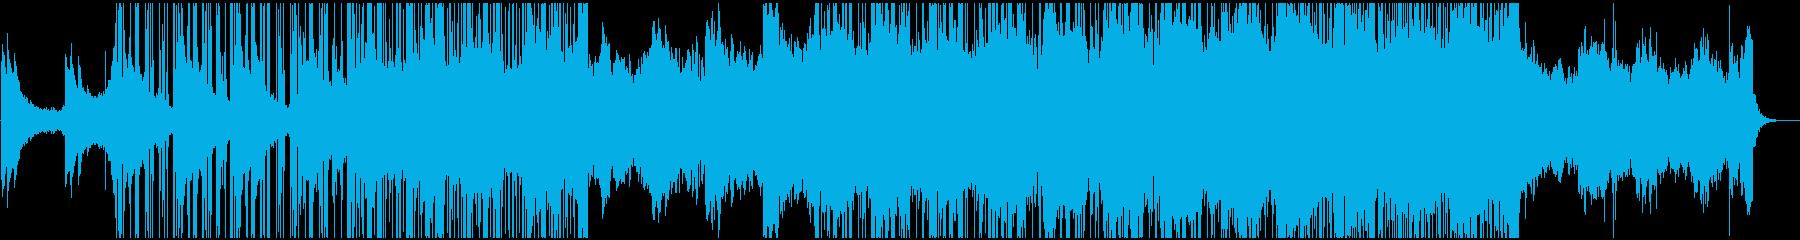 幻想的で浮遊感のあるダウンテンポの再生済みの波形